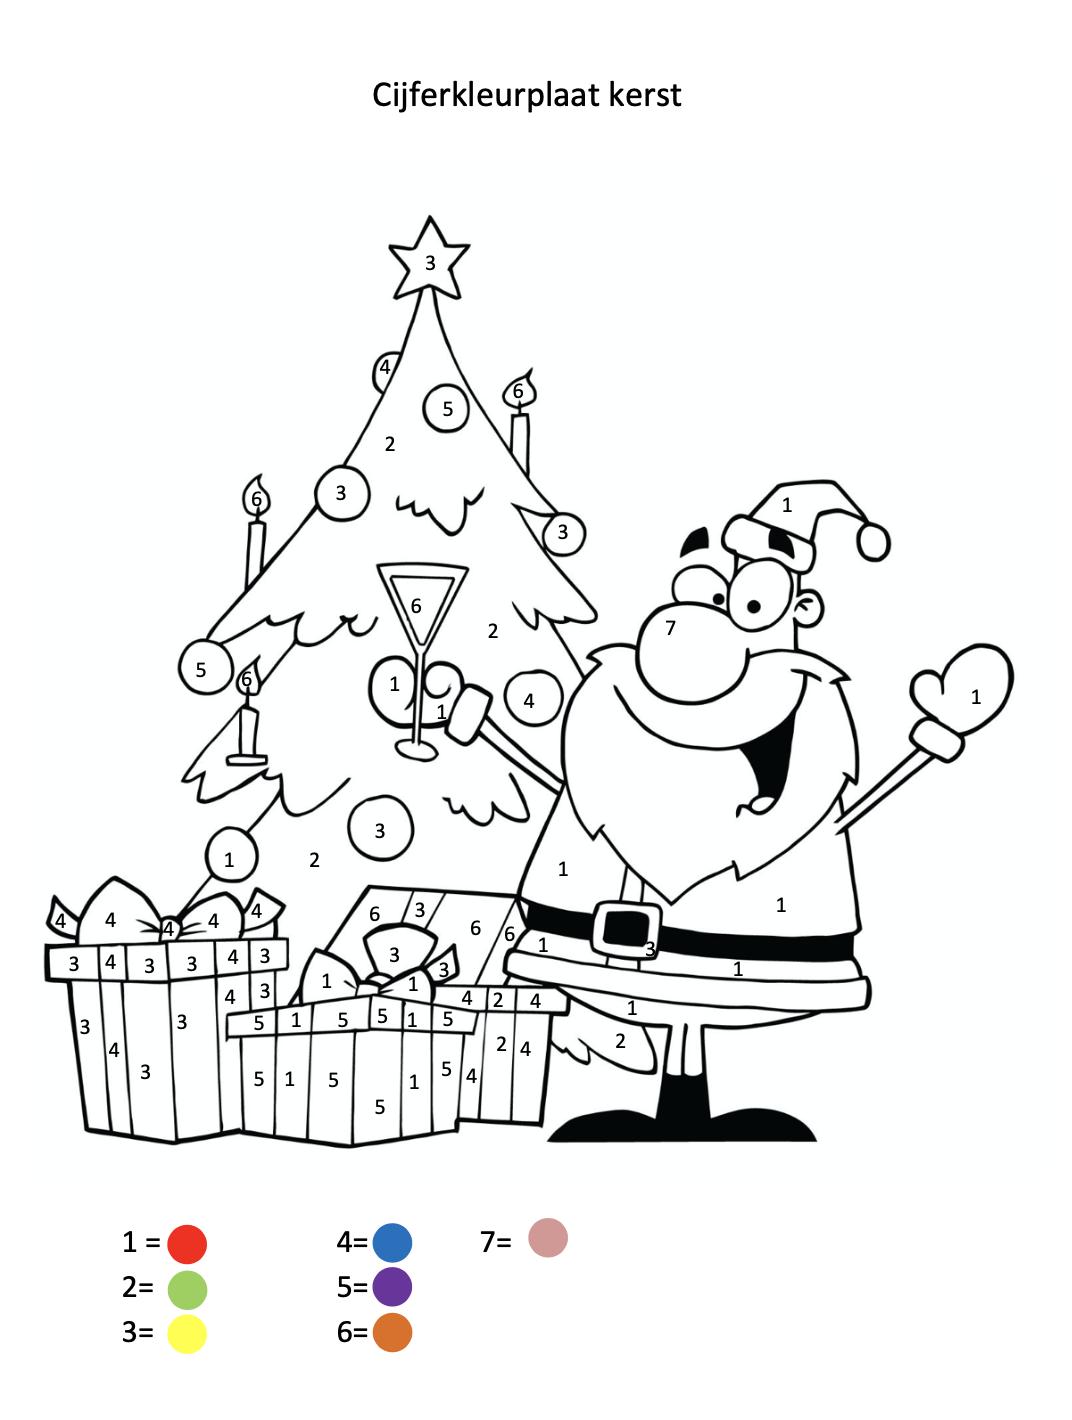 Cijferkleurplaat kerst